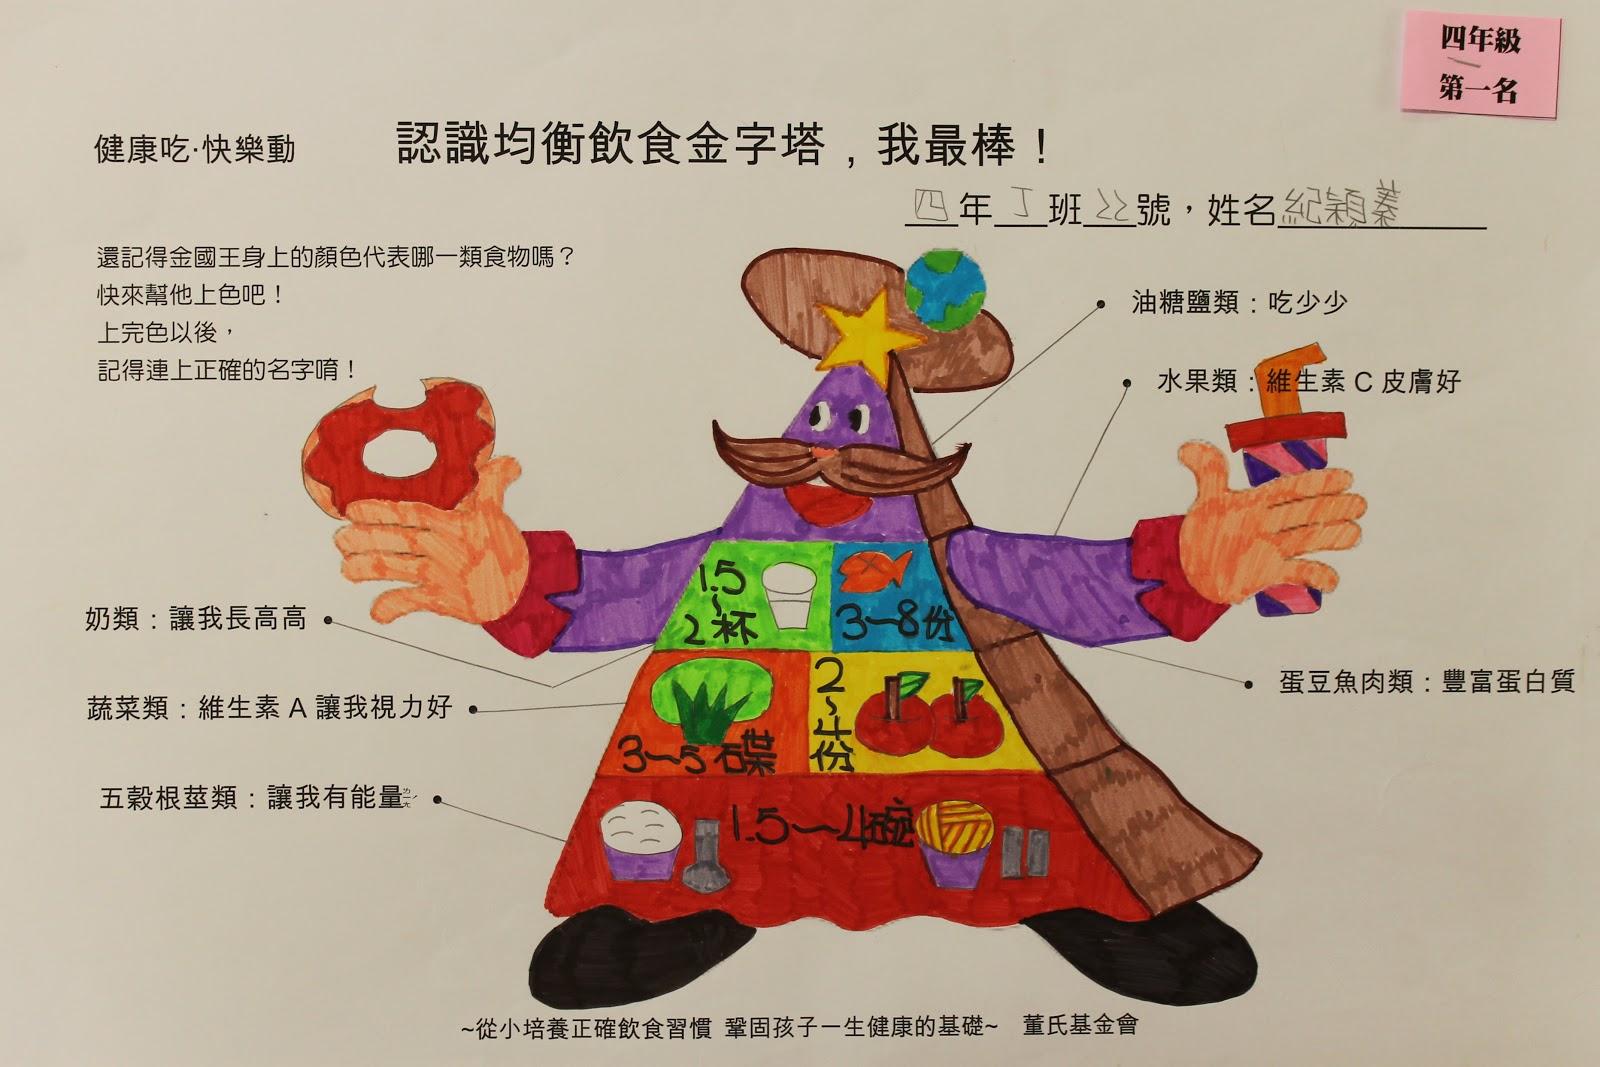 順天國小午餐營養教育網: 101學年度營養教育著色比賽四年級優勝作品